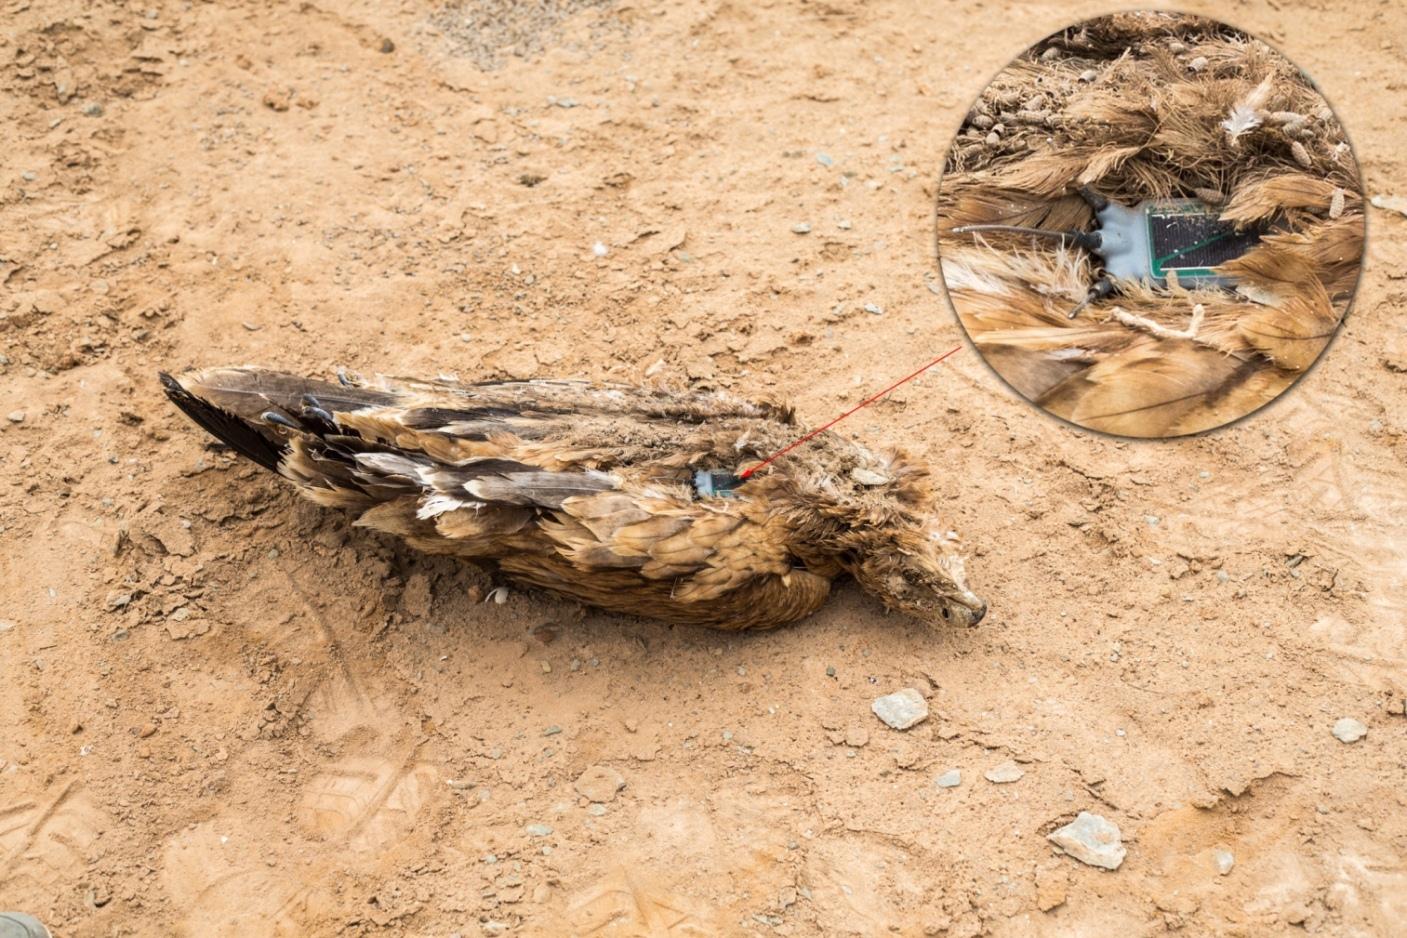 Cadavre de l'Aigle ibérique (Aquila adalberti) muni d'un émetteur satellitaire par EBD-CSIC, Guelmim, 22 octobre 2015 (Ali Irizi). C'est l'individu qui a démarré toutes ces découvertes.